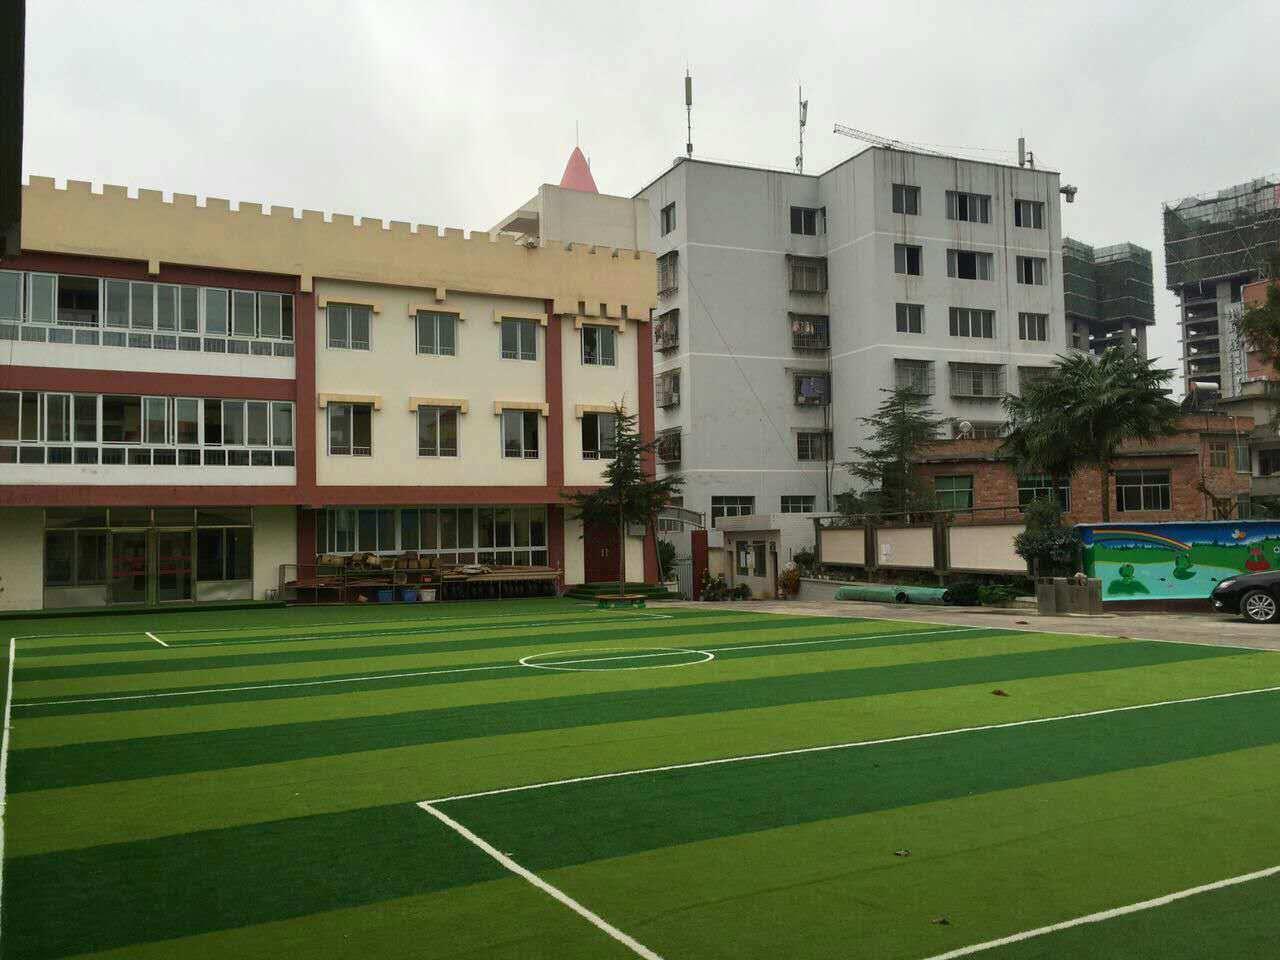 Paesaggio artificiale Wy2 del tappeto erboso foto su itMade inChinacom